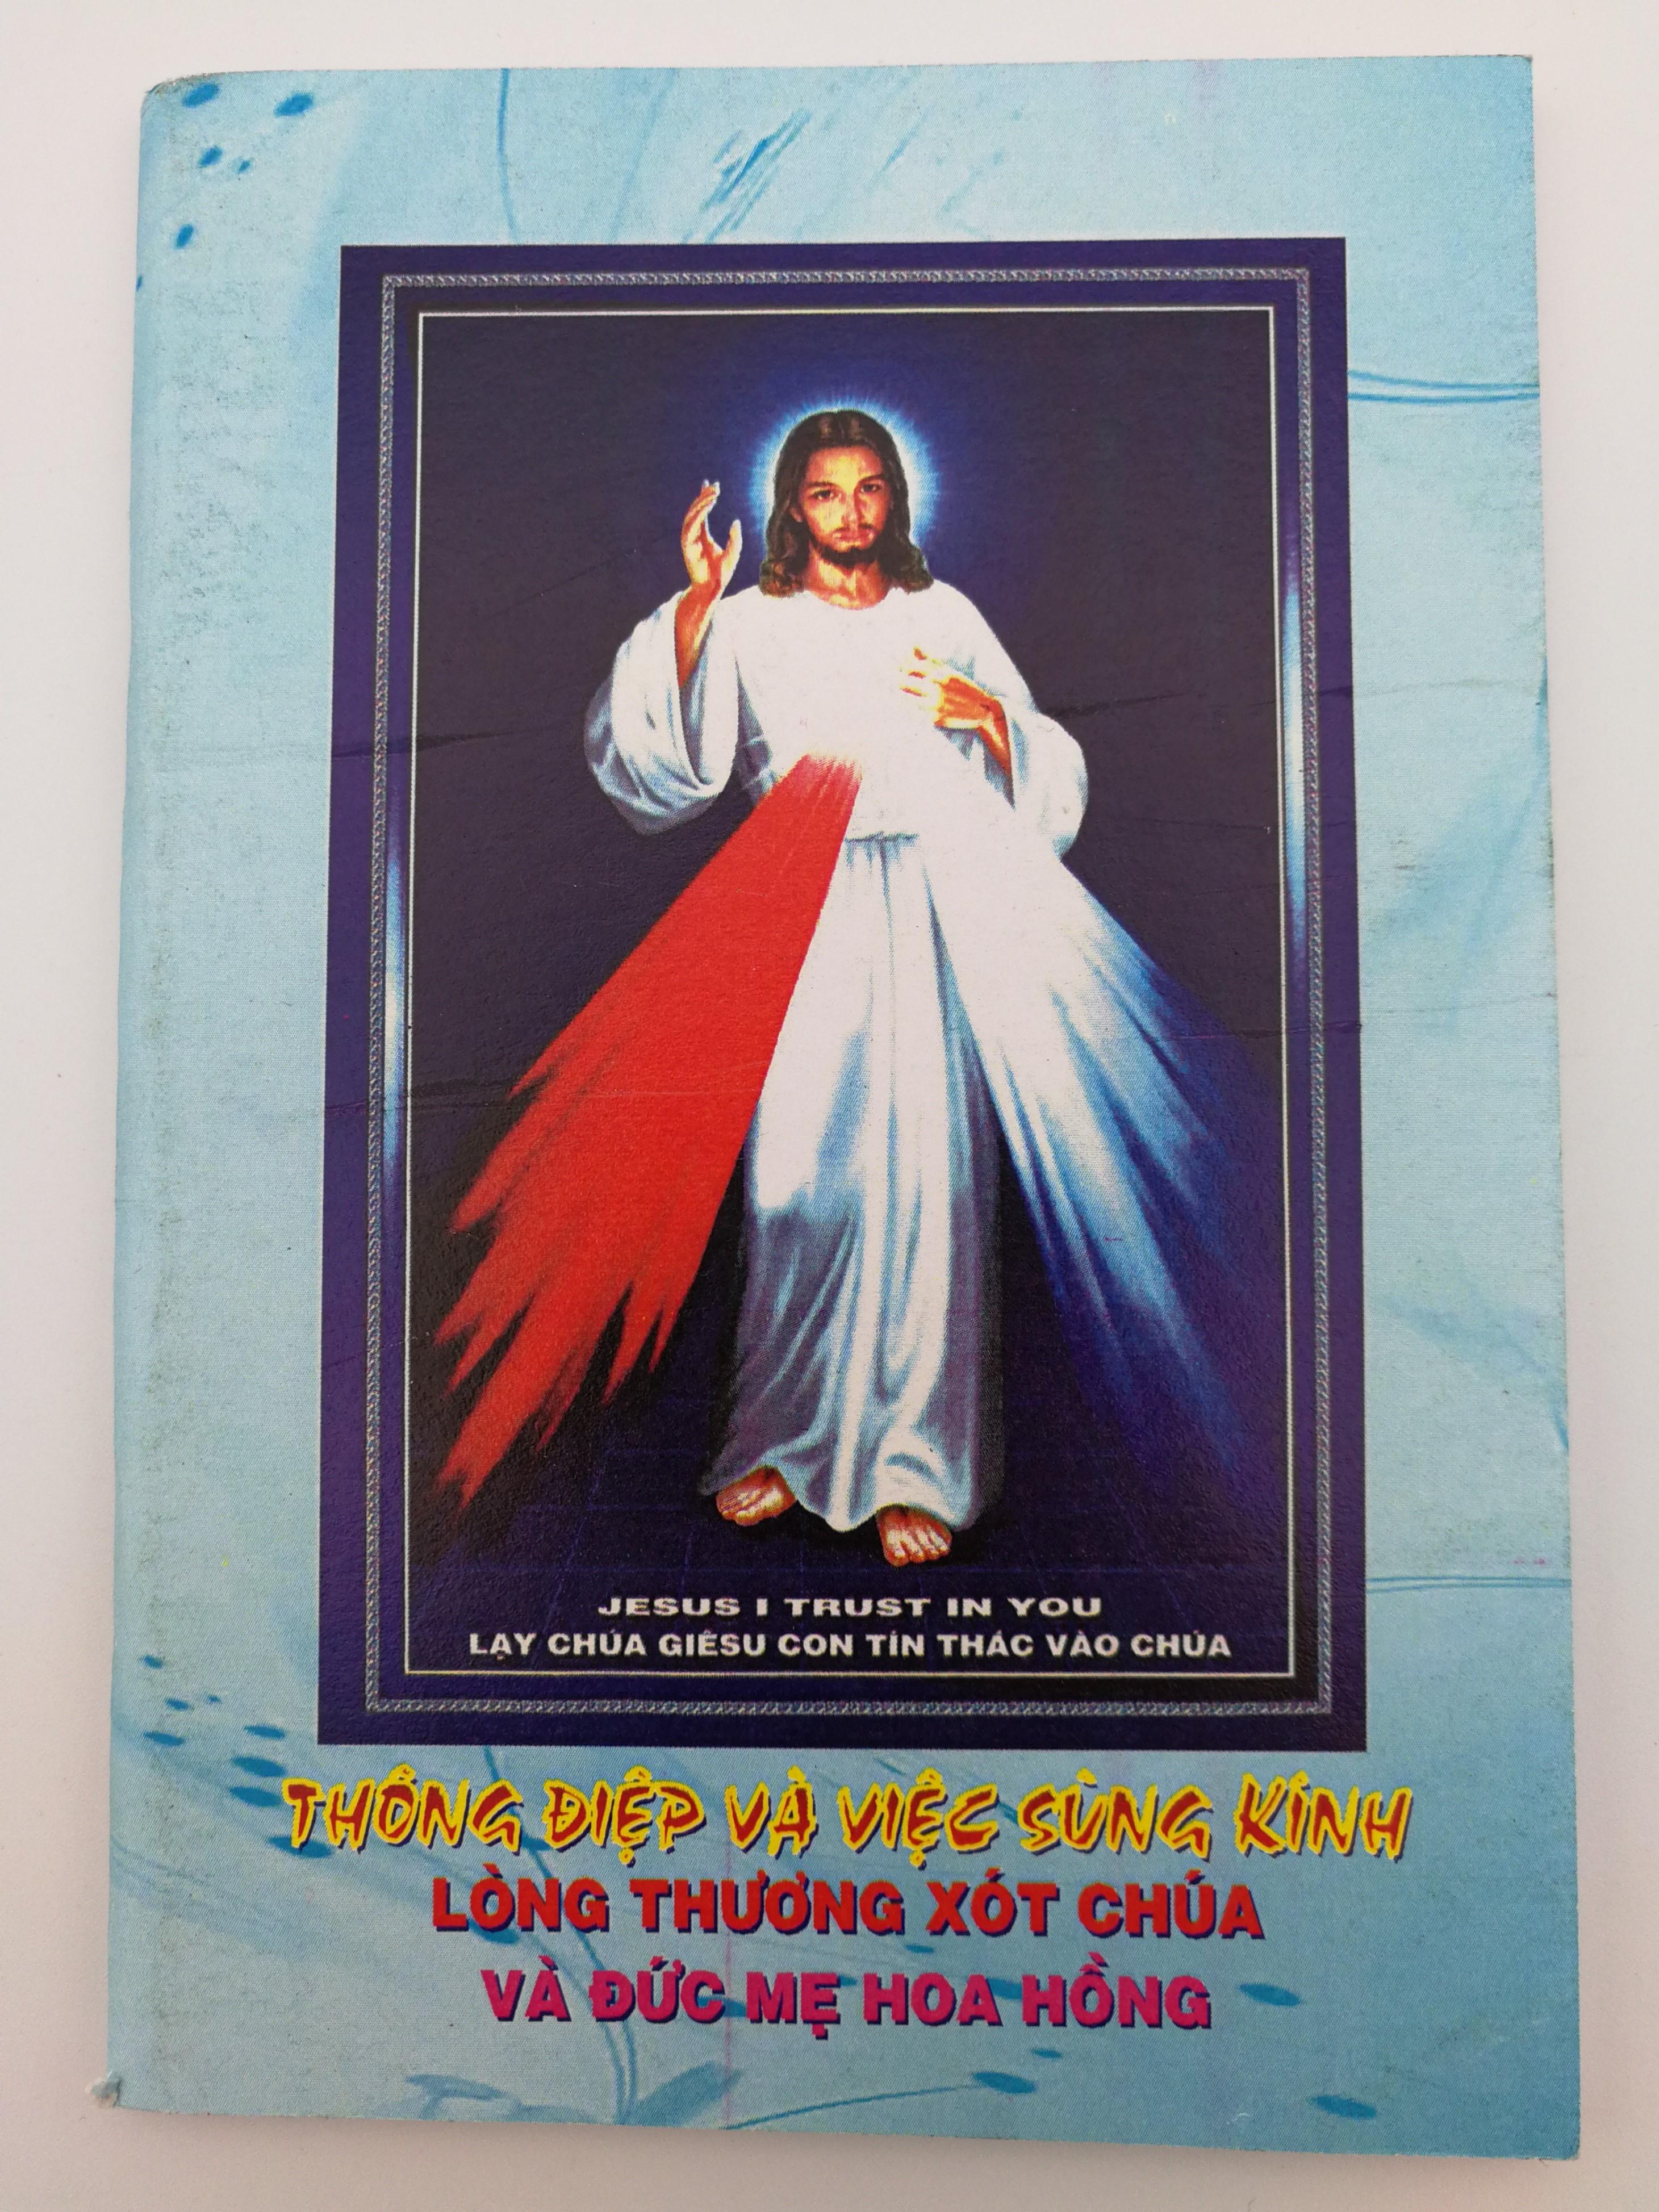 jesus-i-trust-in-you-th-ng-iep-v-viec-s-ng-k-nh1.jpg